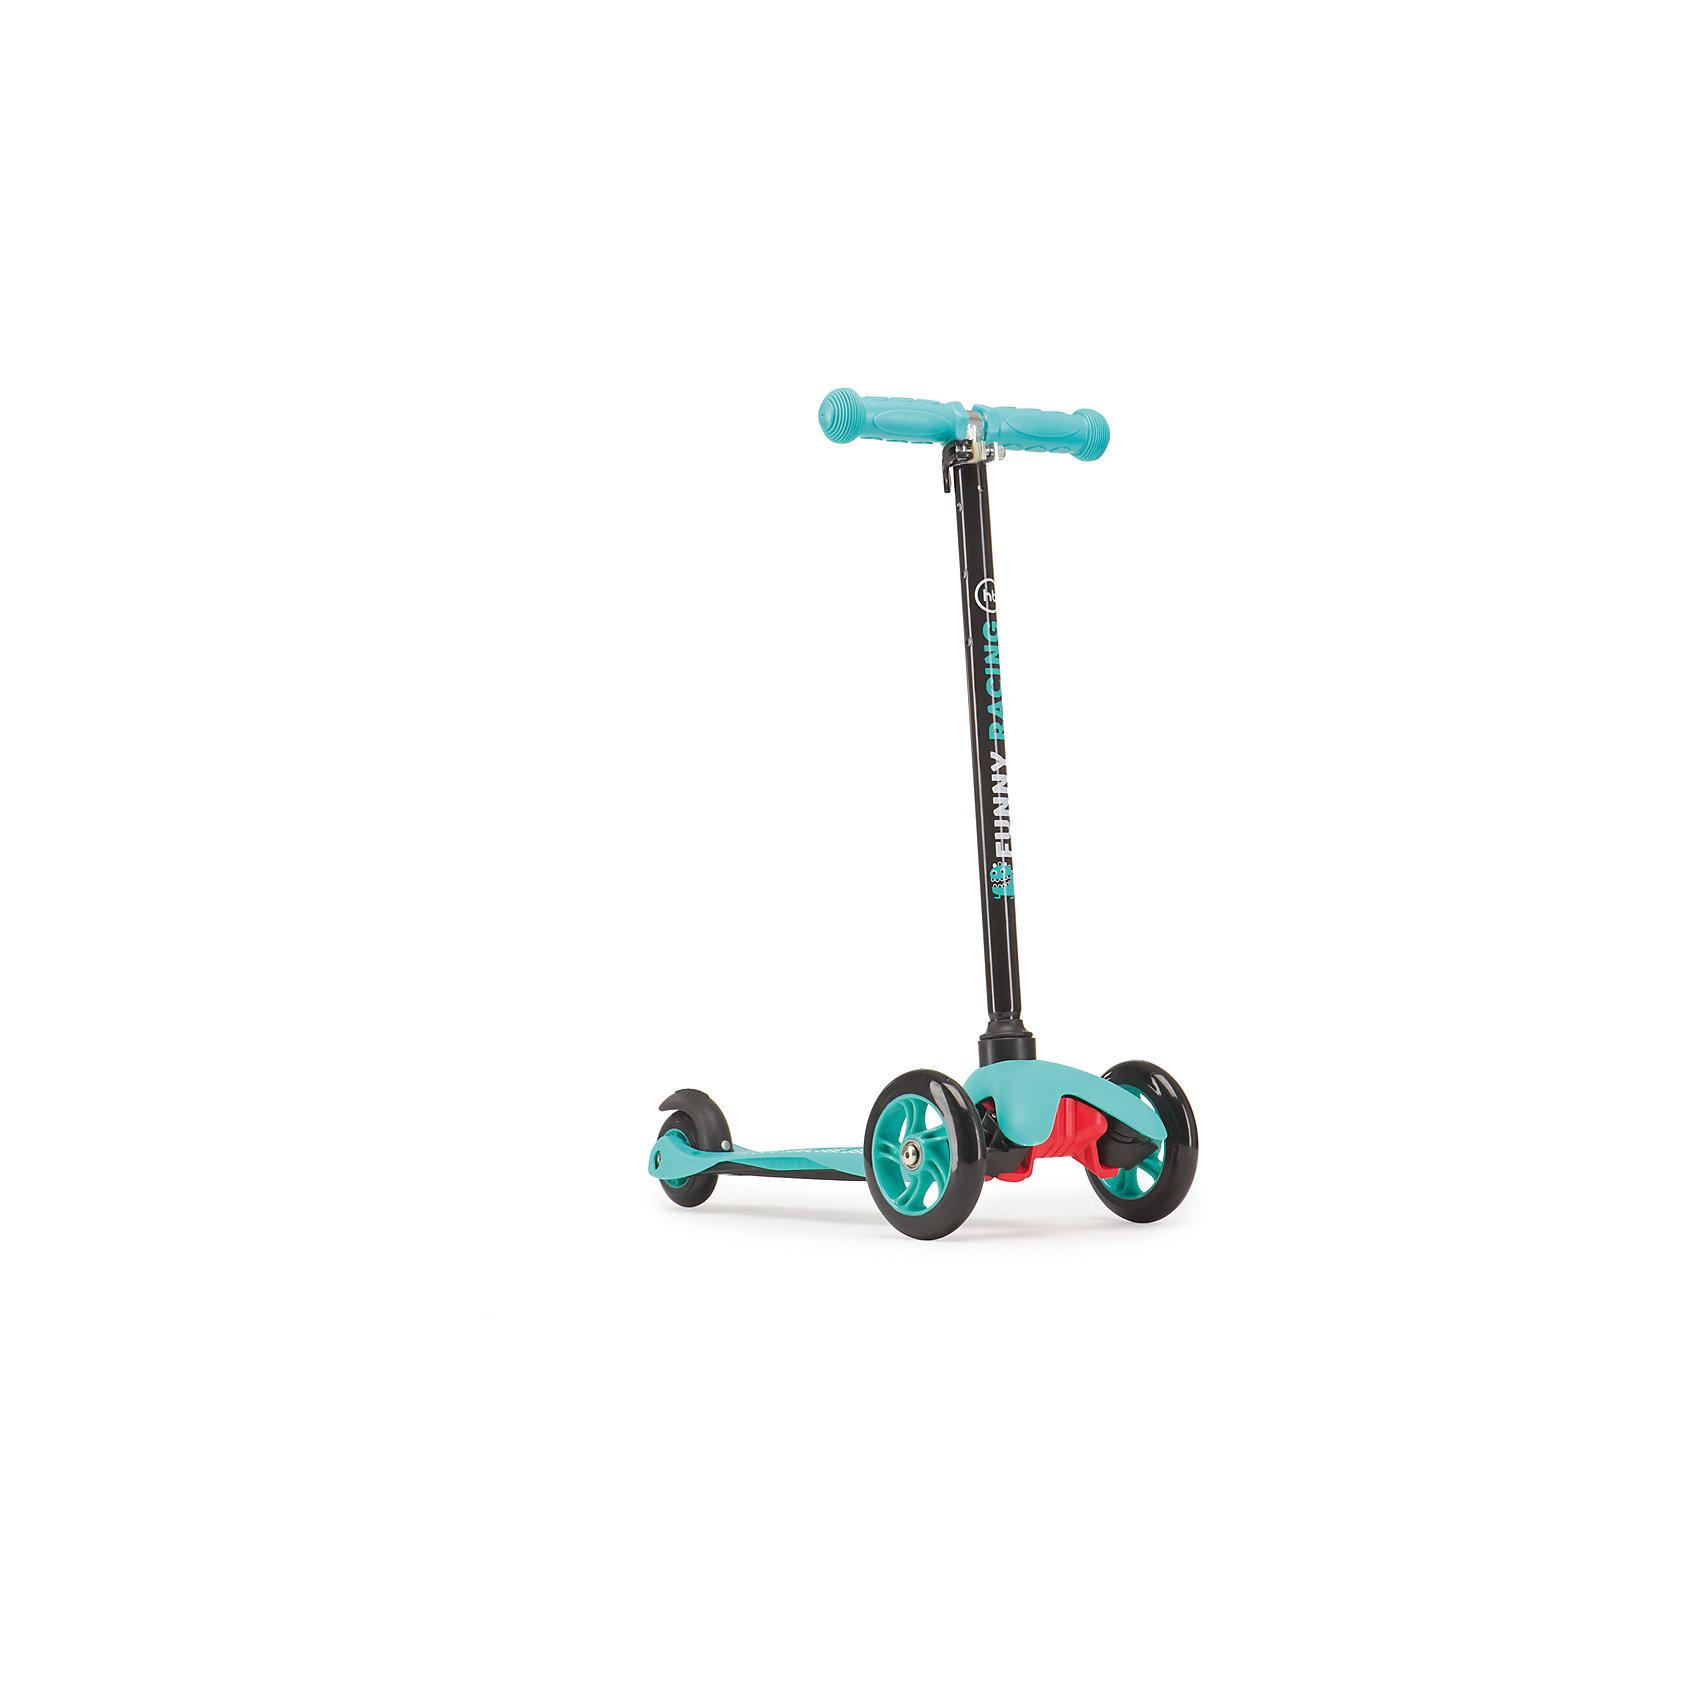 Самокат TORNADO, голубой, Happy BabyСамокаты<br>Характеристики товара:<br><br>• возраст от 3 лет<br>• максимальная нагрузка до 40 кг<br>• материал: пластик, алюминий<br>• материал колес ПВХ<br>• цвет: голубой<br>• диаметр передних колес 120 мм, заднего колеса 80 мм<br>• высота руля 67-77 см<br>• ножной тормоз на заднем колесе<br>• вес самоката 1,9 кг<br>• размер упаковки 59х27х14,5 см<br>• вес упаковки 2,2 кг<br>• страна производитель: Китай<br><br>Самокат «TORNADO», голубой, Happy Baby сделает детскую прогулку на свежем воздухе активной и увлекательной. Спереди расположены 2 колеса, что делает самокат устойчивым. Колеса небольшого диаметра хорошо разгоняются и набирают скорость. Колеса подойдут для езды по городским улочкам или на специальных площадках. Высота руля регулируется под рост ребенка. Ножной тормоз на колесе отвечает за безопасное катание и быстрое торможение перед препятствием. Накладки на руле препятствуют соскальзыванию ладоней во время езды.<br><br>Самокат изготовлен из прочного алюминия. Пластиковая рифленая дека не позволяет ножкам скользить по поверхности. Катаясь на самокате, ребенок учится держать равновесие, координировать свои движения. <br><br>Самокат «TORNADO», голубой, Happy Baby можно приобрести в нашем интернет магазине.<br><br>Ширина мм: 590<br>Глубина мм: 145<br>Высота мм: 270<br>Вес г: 2200<br>Возраст от месяцев: 12<br>Возраст до месяцев: 36<br>Пол: Унисекс<br>Возраст: Детский<br>SKU: 5527340